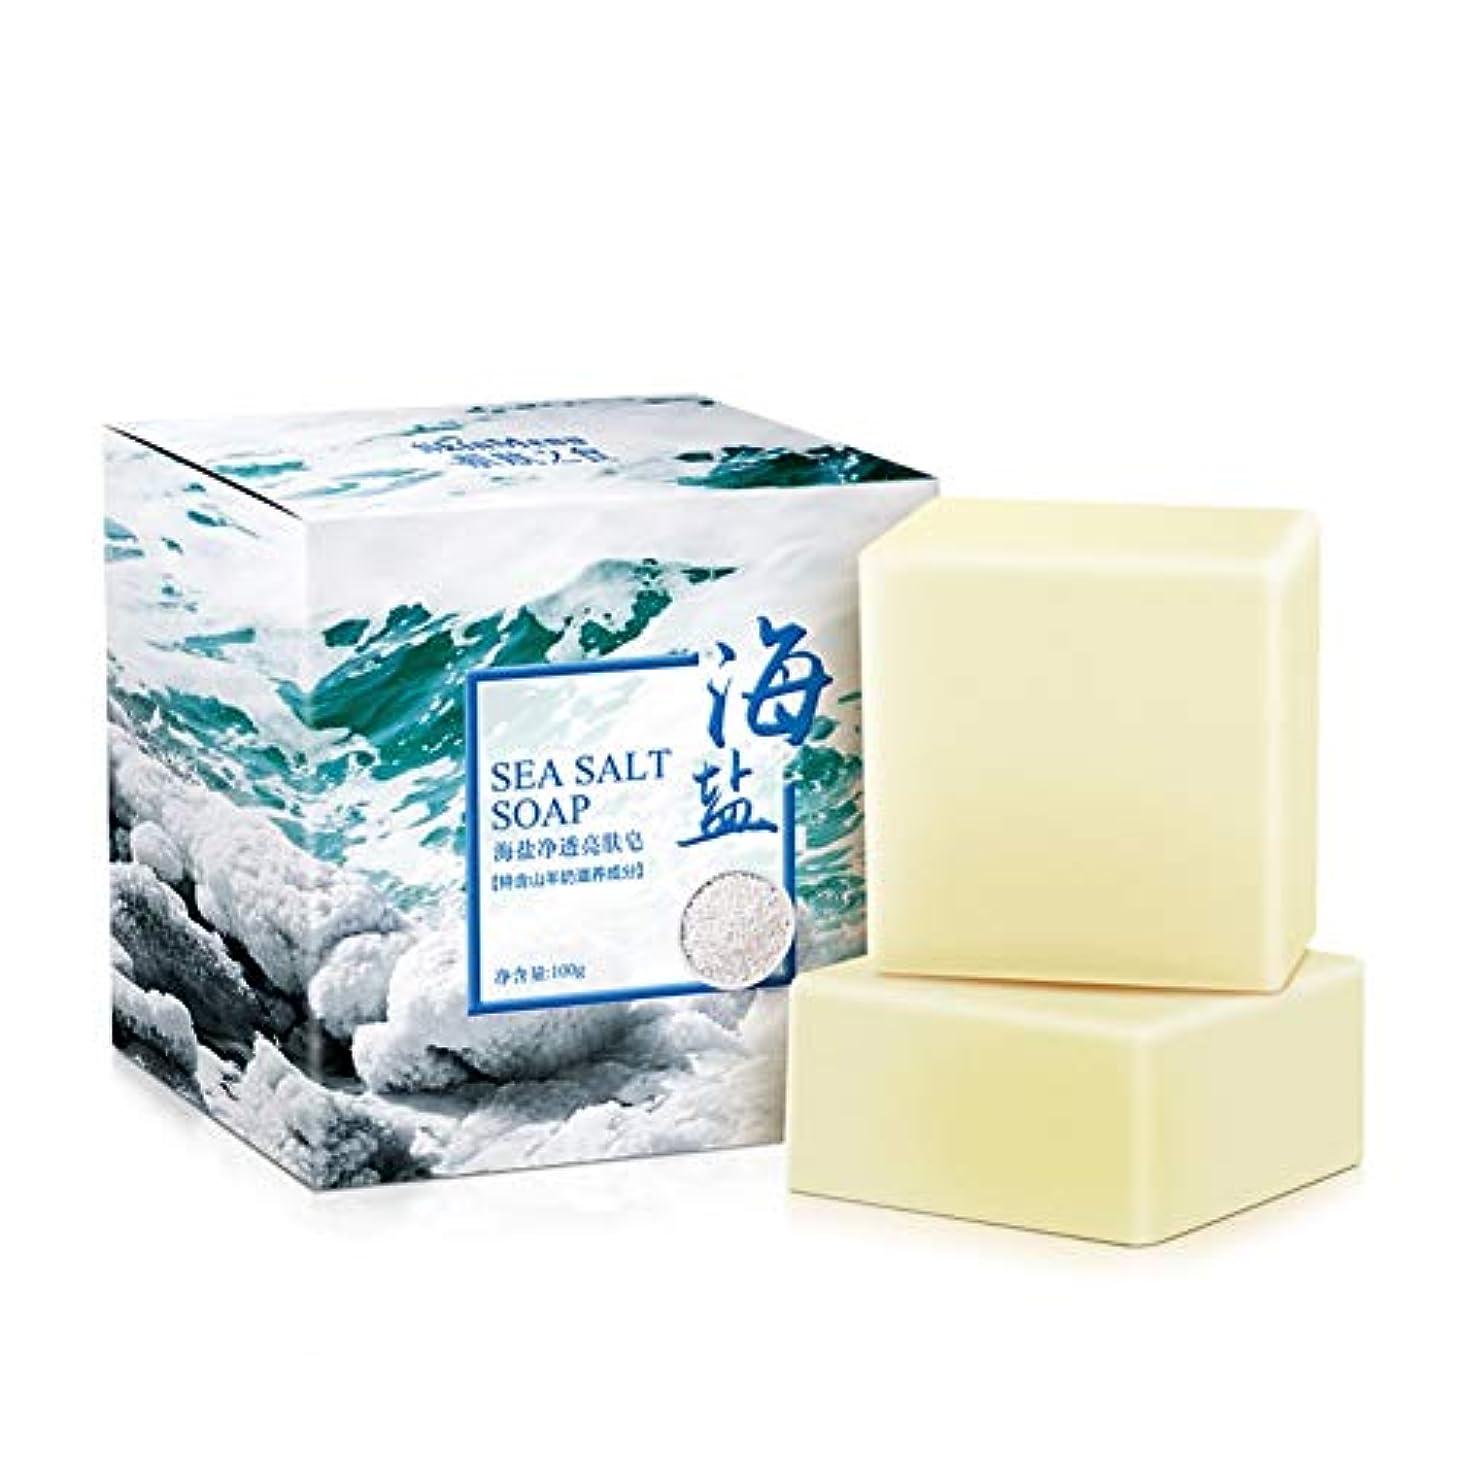 団結手段無意識KISSION せっけん 透明な半透明石鹸 海塩が豊富 ローカストソープ ダニをすばやく削除 無添加 敏感 保湿 肌用 毛穴 対策 パーソナルケア製品